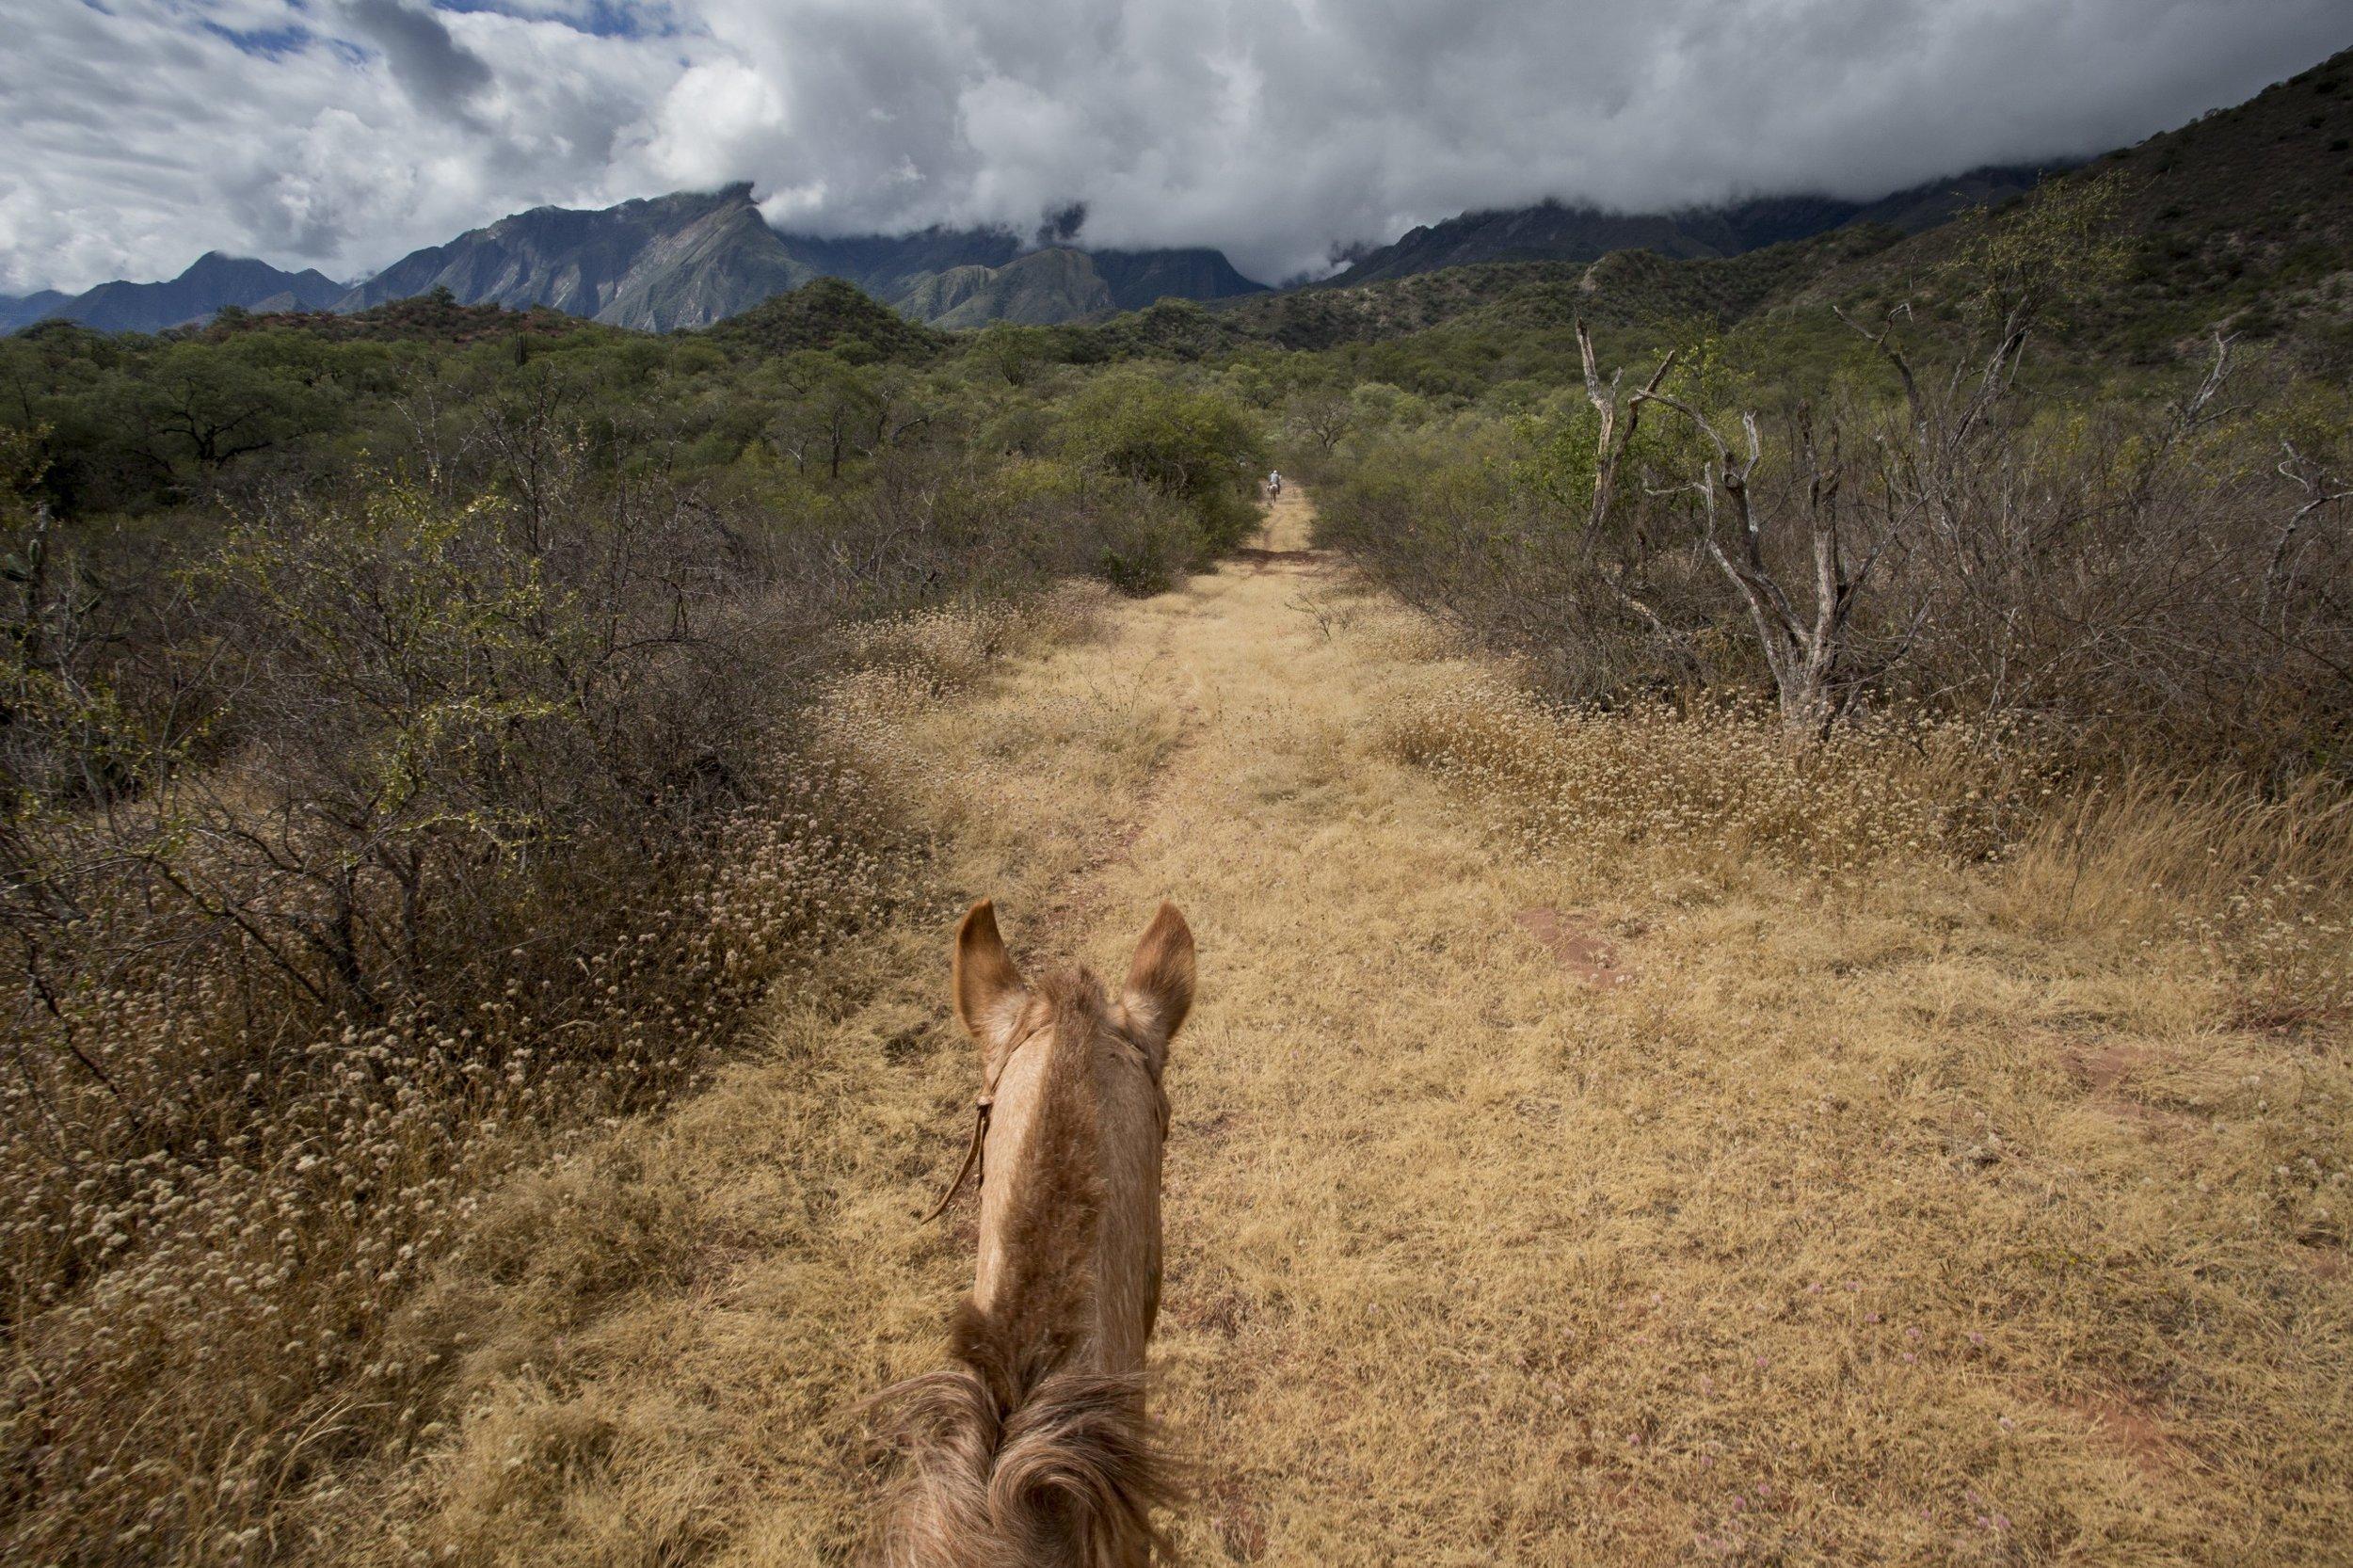 Riding through Condor Valley and towards Mount Creston